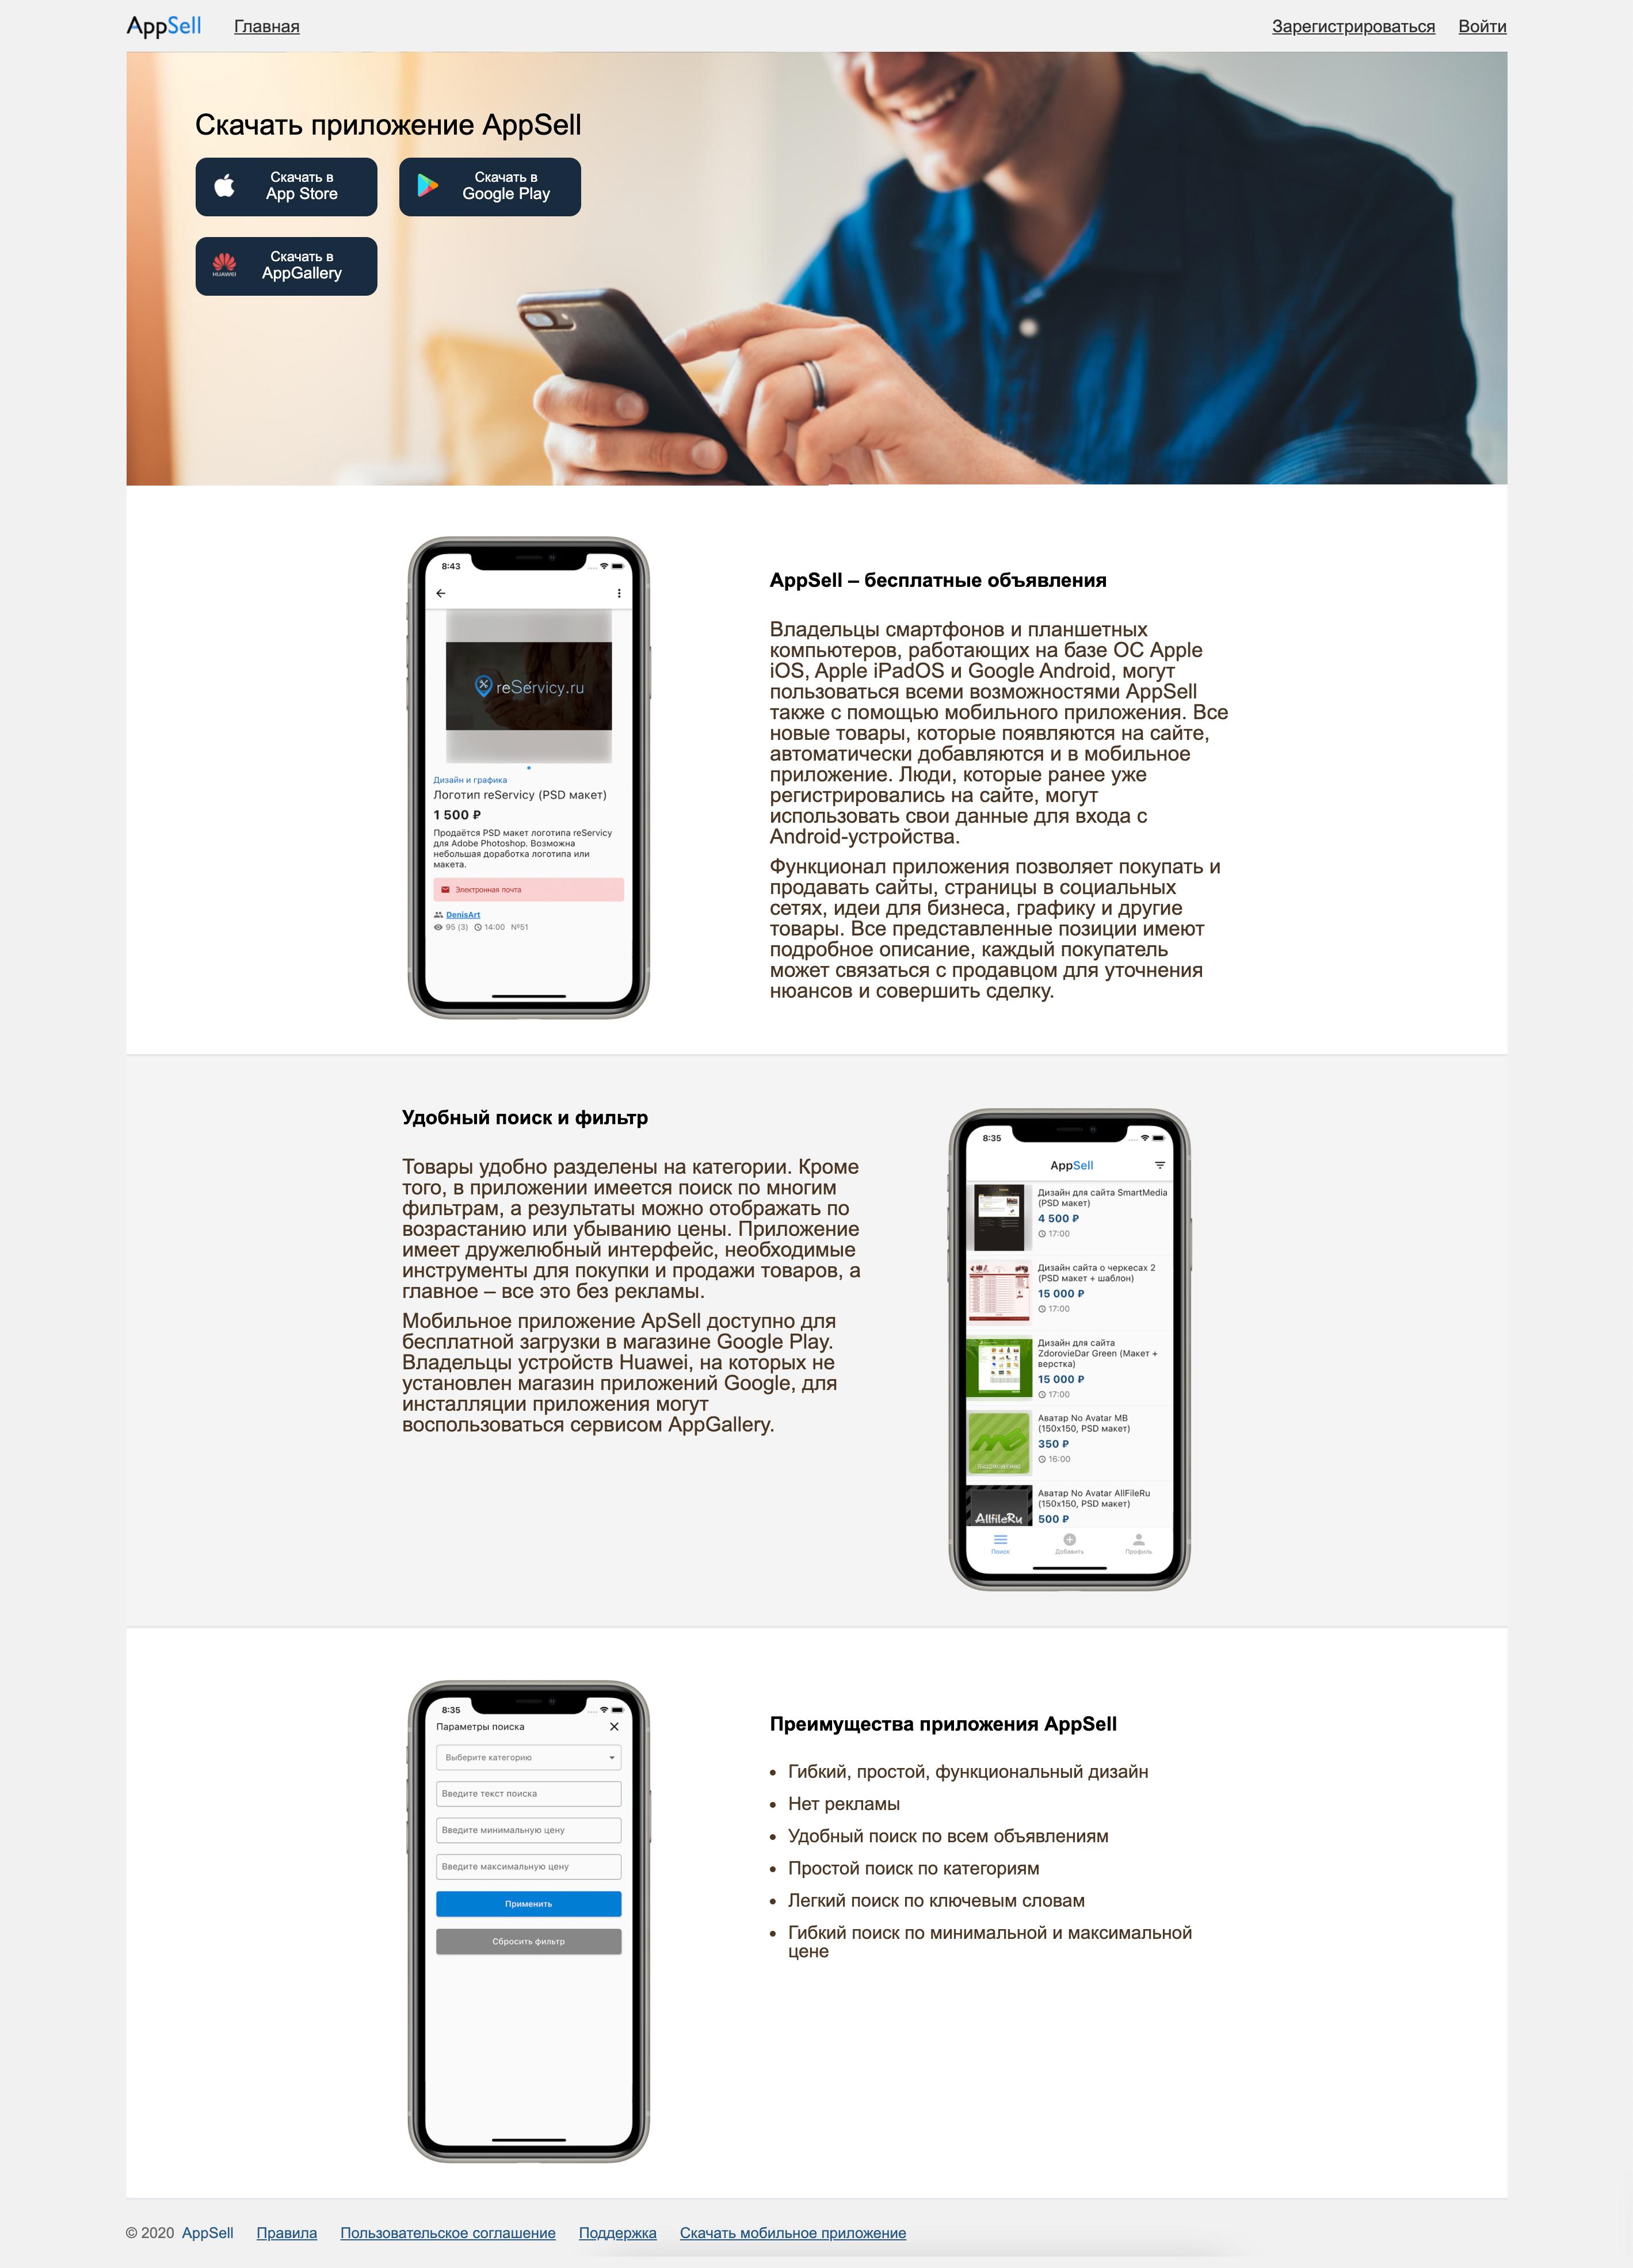 Страница с описанием мобильного приложения AppSell